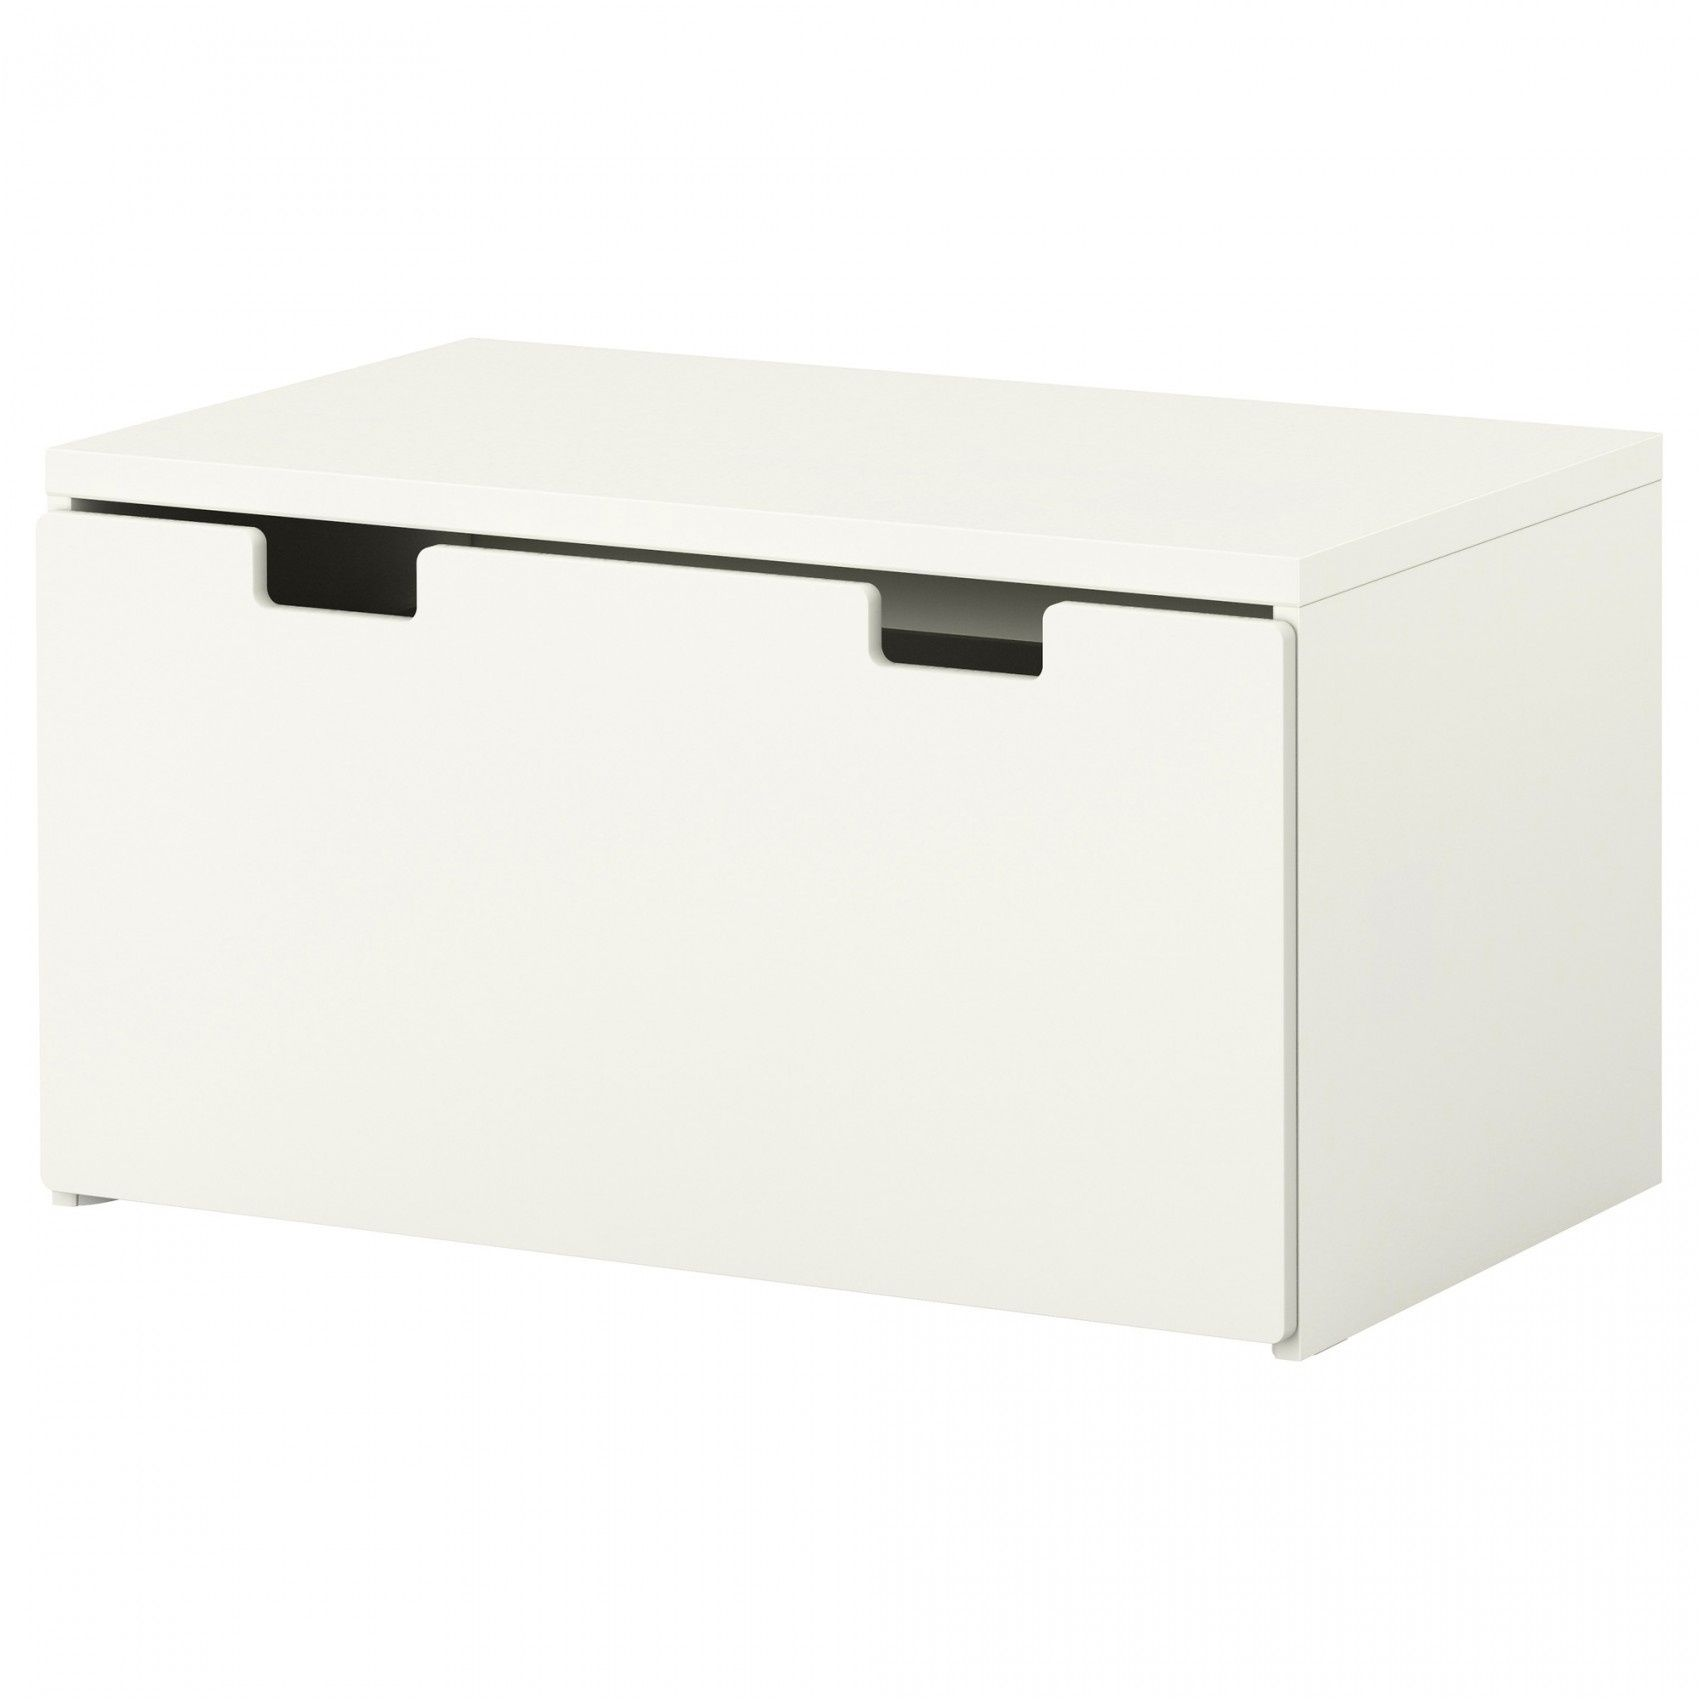 13 Agreable Coffre En Bois Ikea Banc De Rangement Rangement Jouet Rangement Jouet Ikea